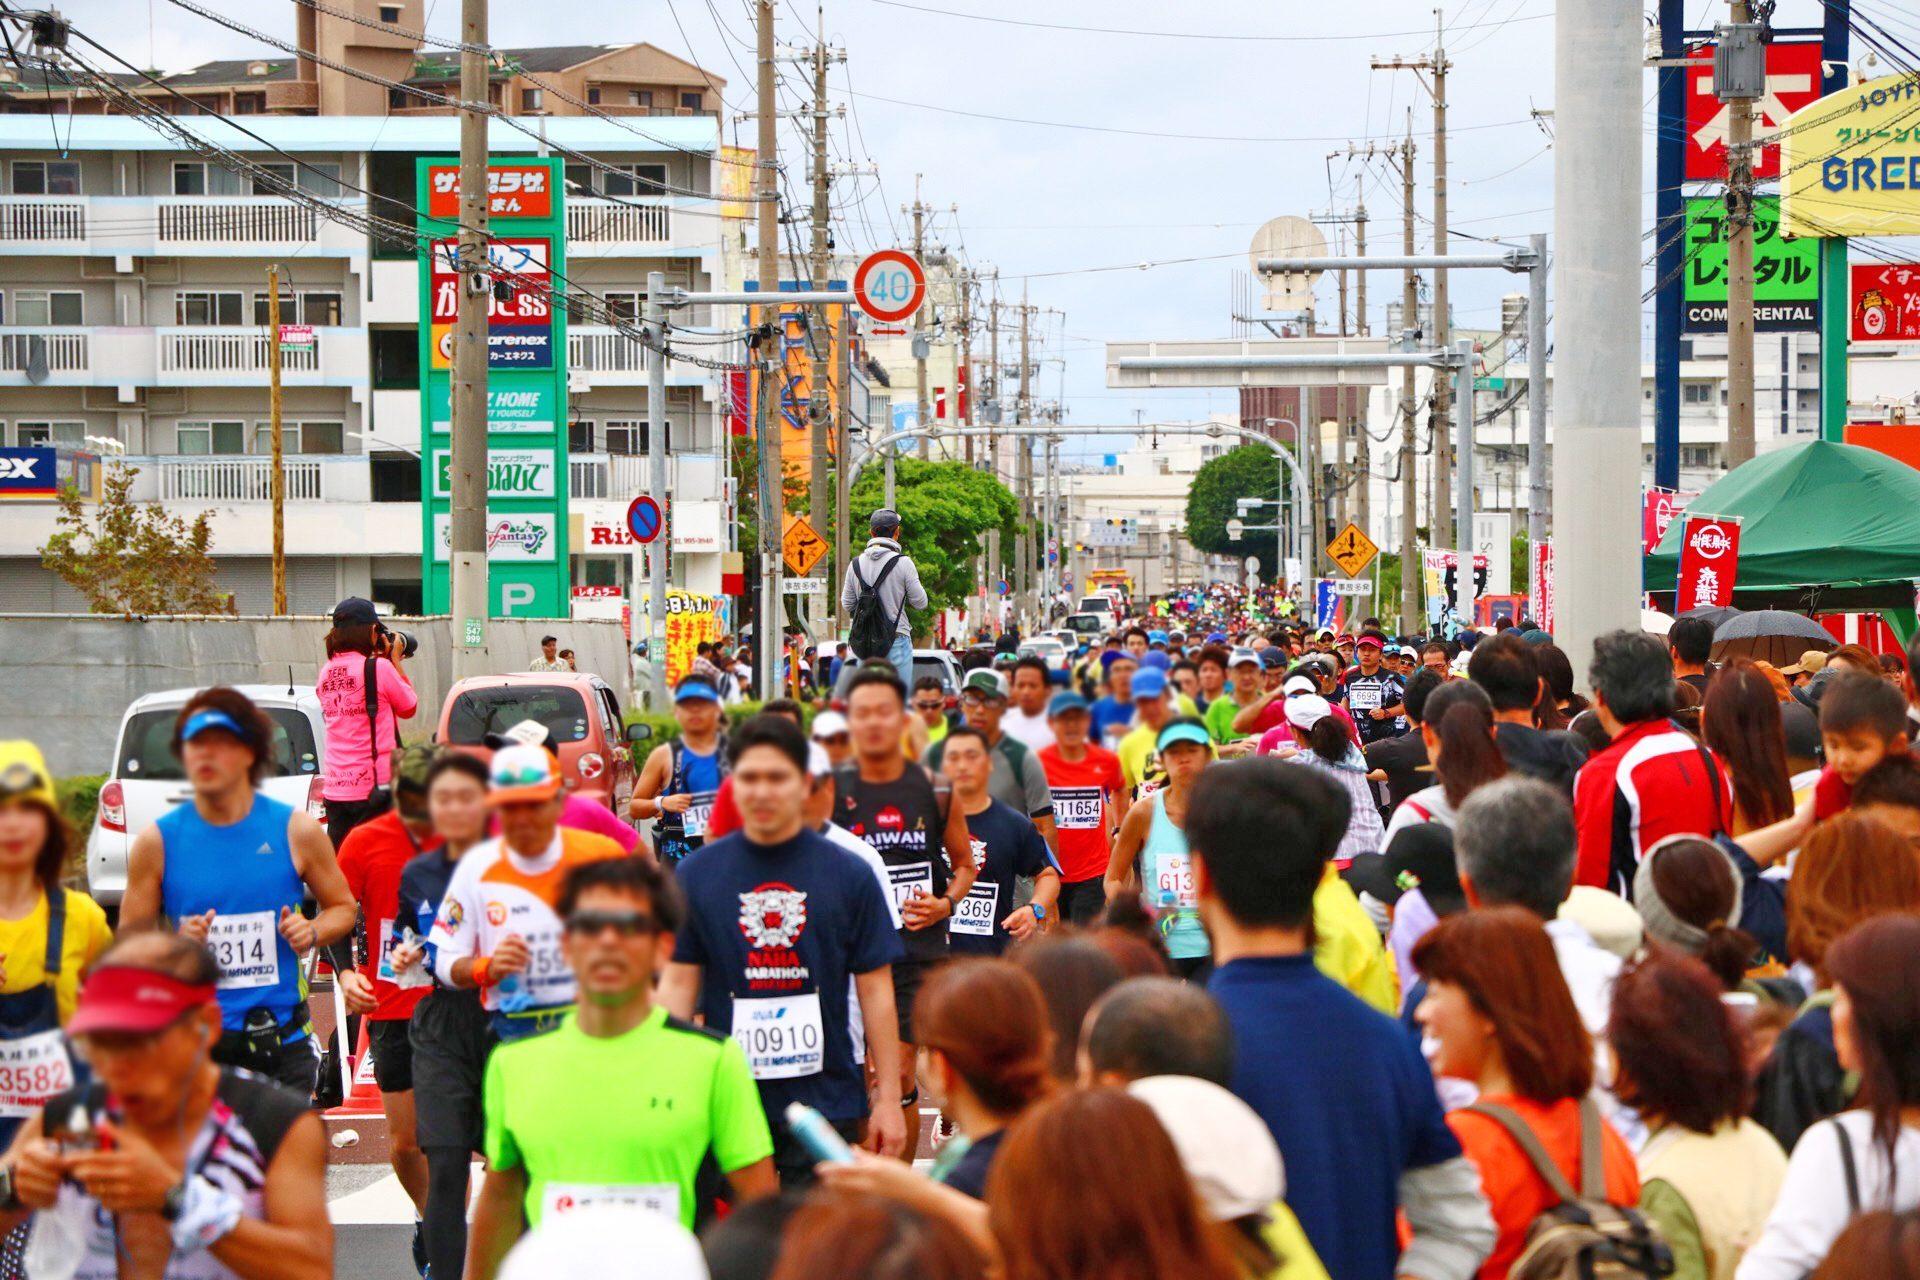 マラソン 沖縄 観光 冬 1月 2月 12月 旅行